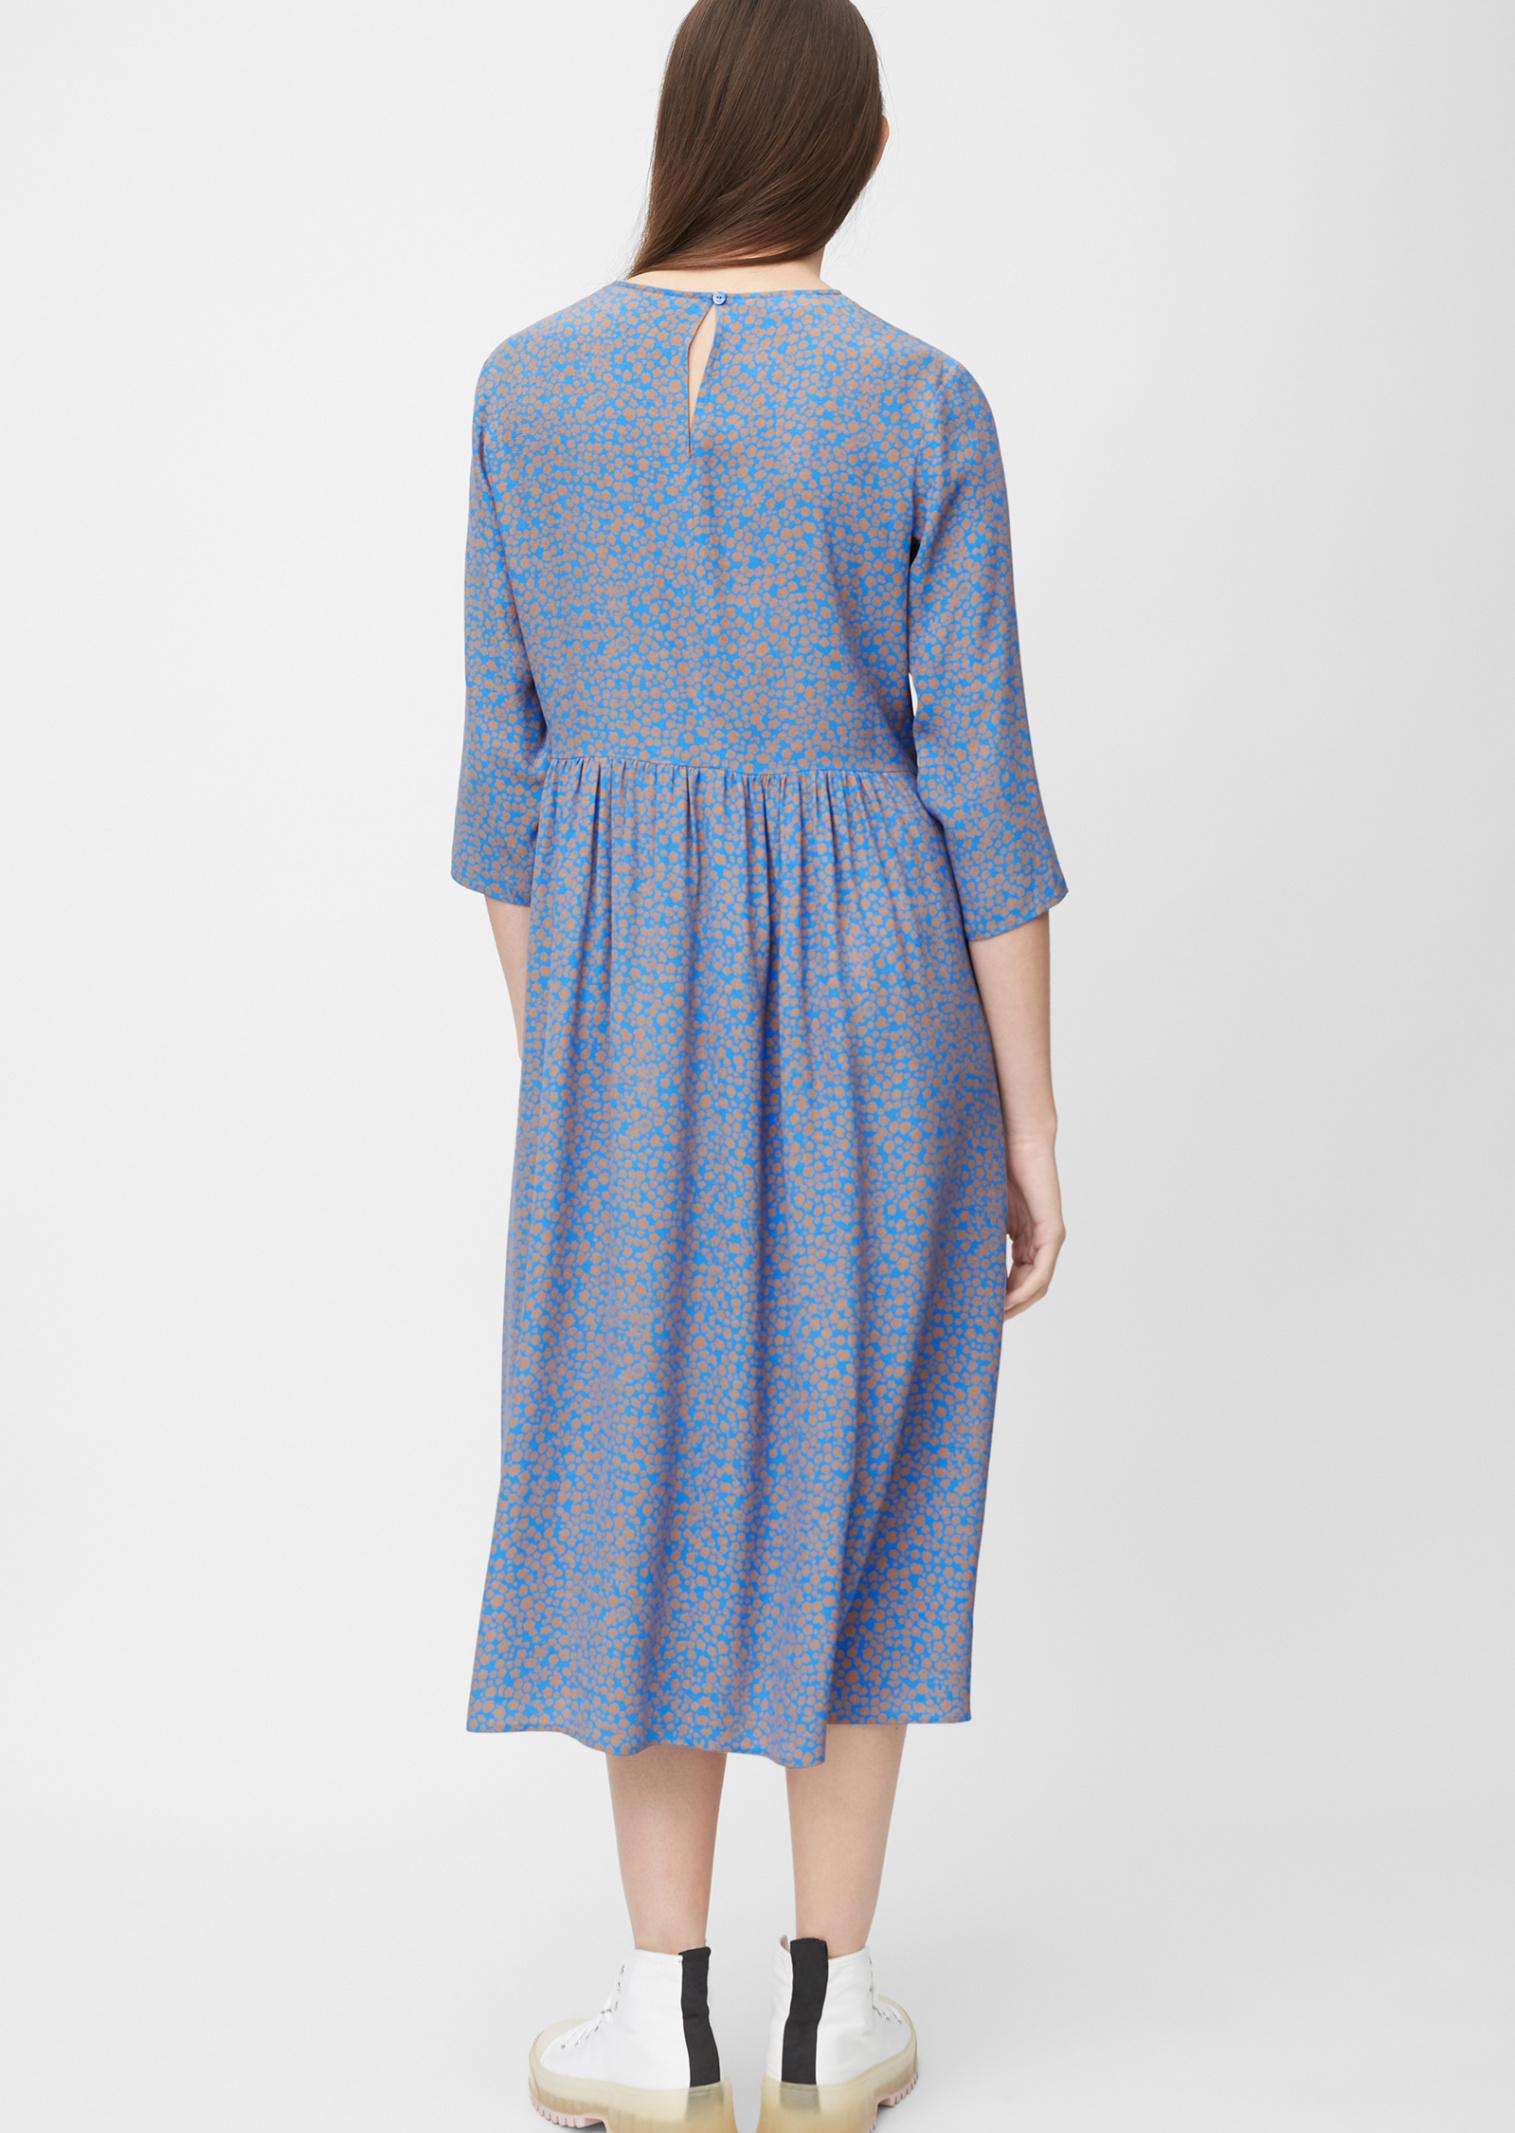 MARC O'POLO DENIM Сукня жіночі модель 042113821135-S65 придбати, 2017